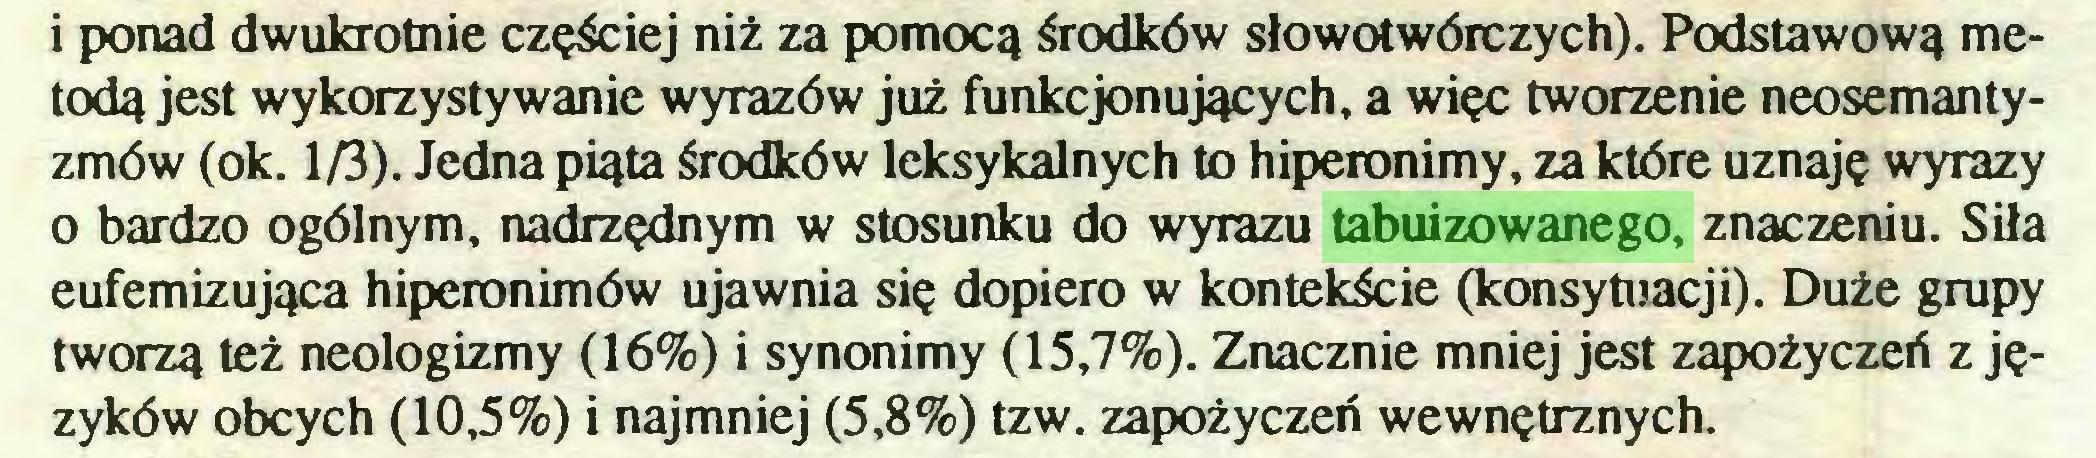 (...) i ponad dwukrotnie częściej niż za pomocą środków słowotwórczych). Podstawową metodą jest wykorzystywanie wyrazów już funkcjonujących, a więc tworzenie neosemantyzmów (ok. 1/3). Jedna piąta środków leksykalnych to hiperonimy, za które uznaję wyrazy 0 bardzo ogólnym, nadrzędnym w stosunku do wyrazu tabuizowanego, znaczeniu. Siła eufemizująca hiperonimów ujawnia się dopiero w kontekście (konsytuacji). Duże grupy tworzą też neologizmy (16%) i synonimy (15,7%). Znacznie mniej jest zapożyczeń z języków obcych (10,5%) i najmniej (5,8%) tzw. zapożyczeń wewnętrznych...